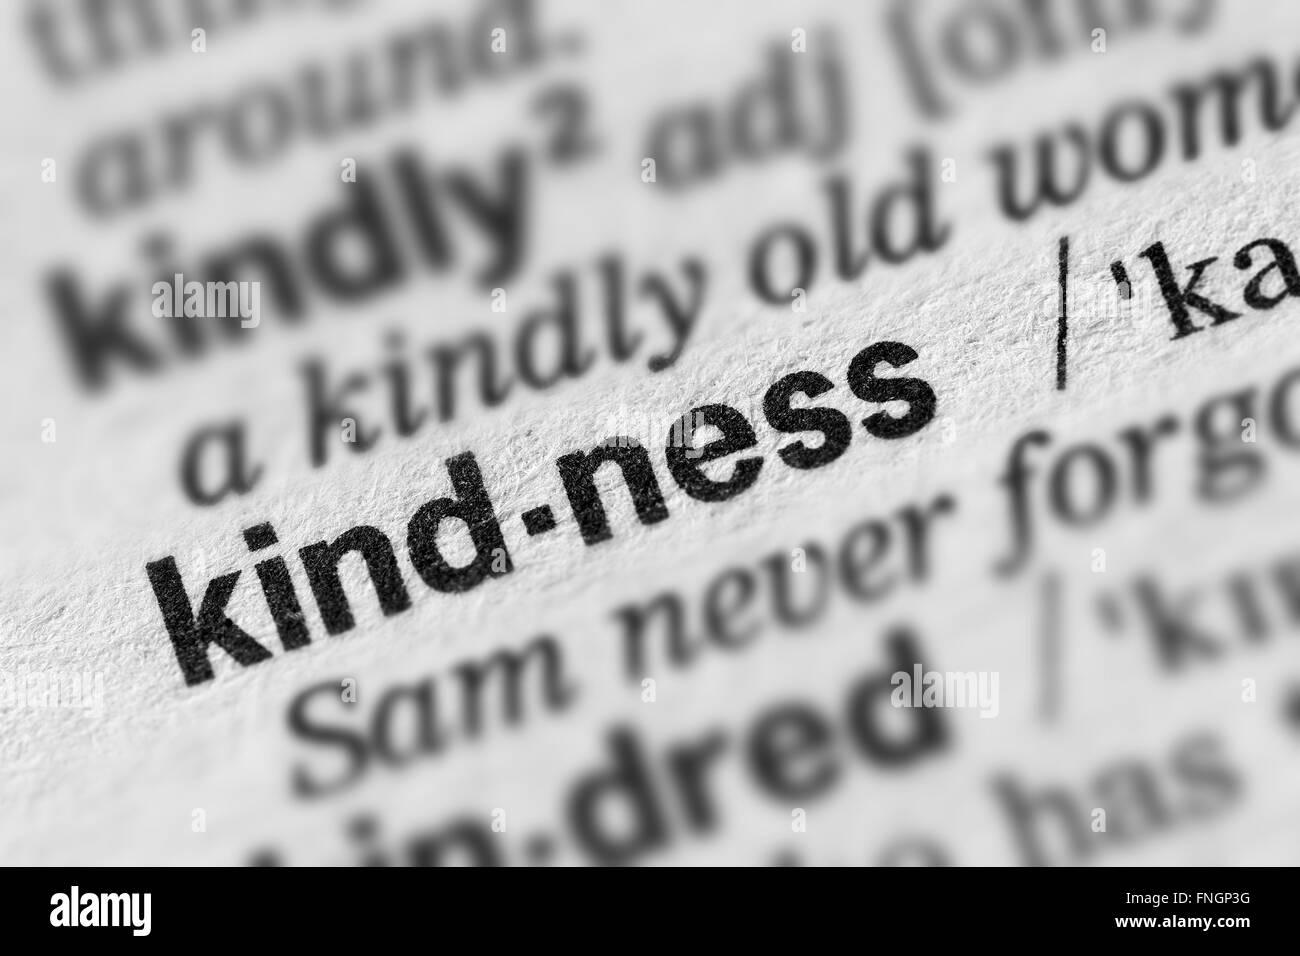 Gentilezza definizione parola testo nella pagina del dizionario Immagini Stock